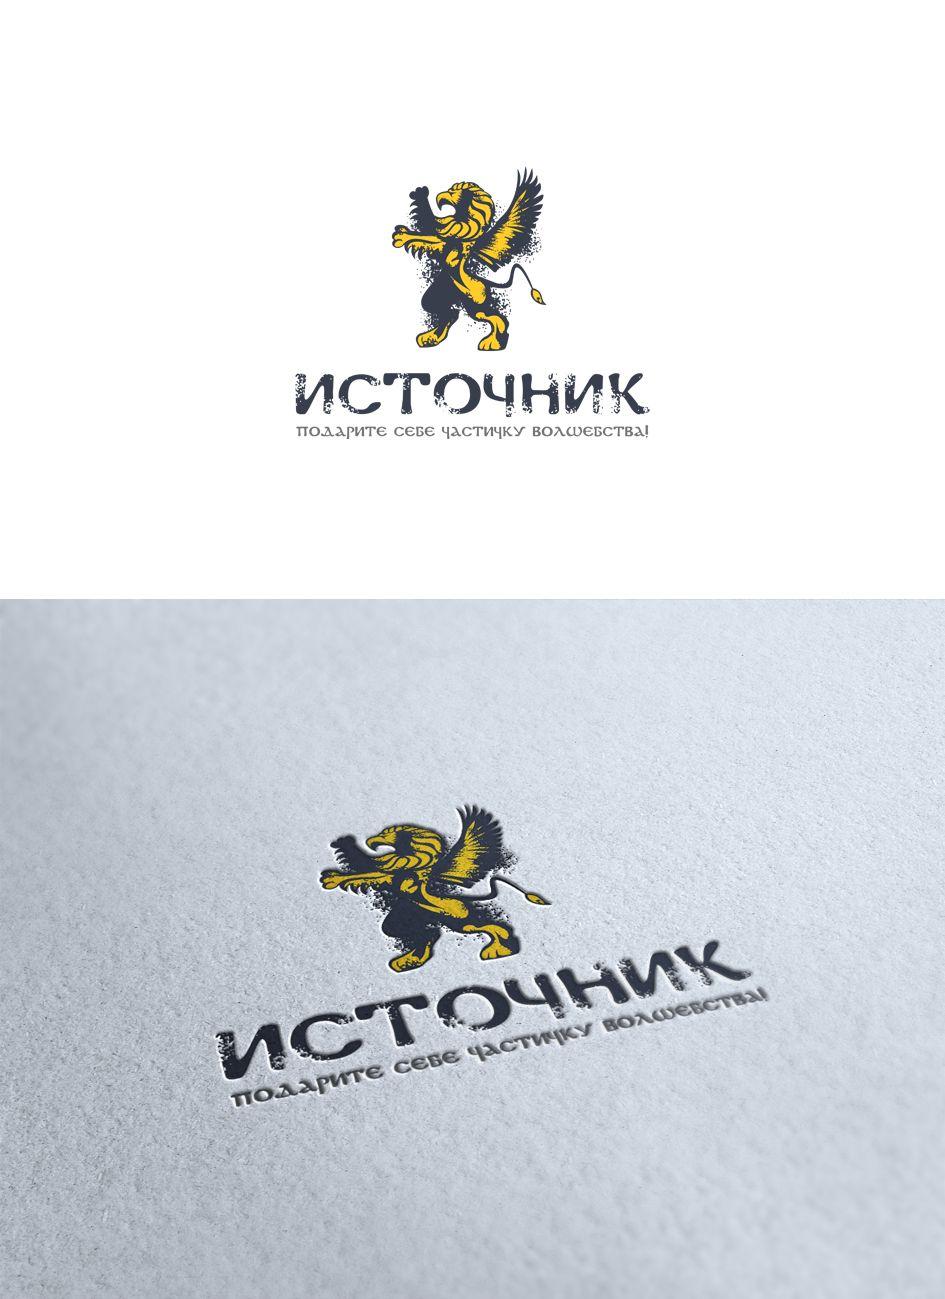 Логотип для магазина Украшений из Фильмов - дизайнер remezlo